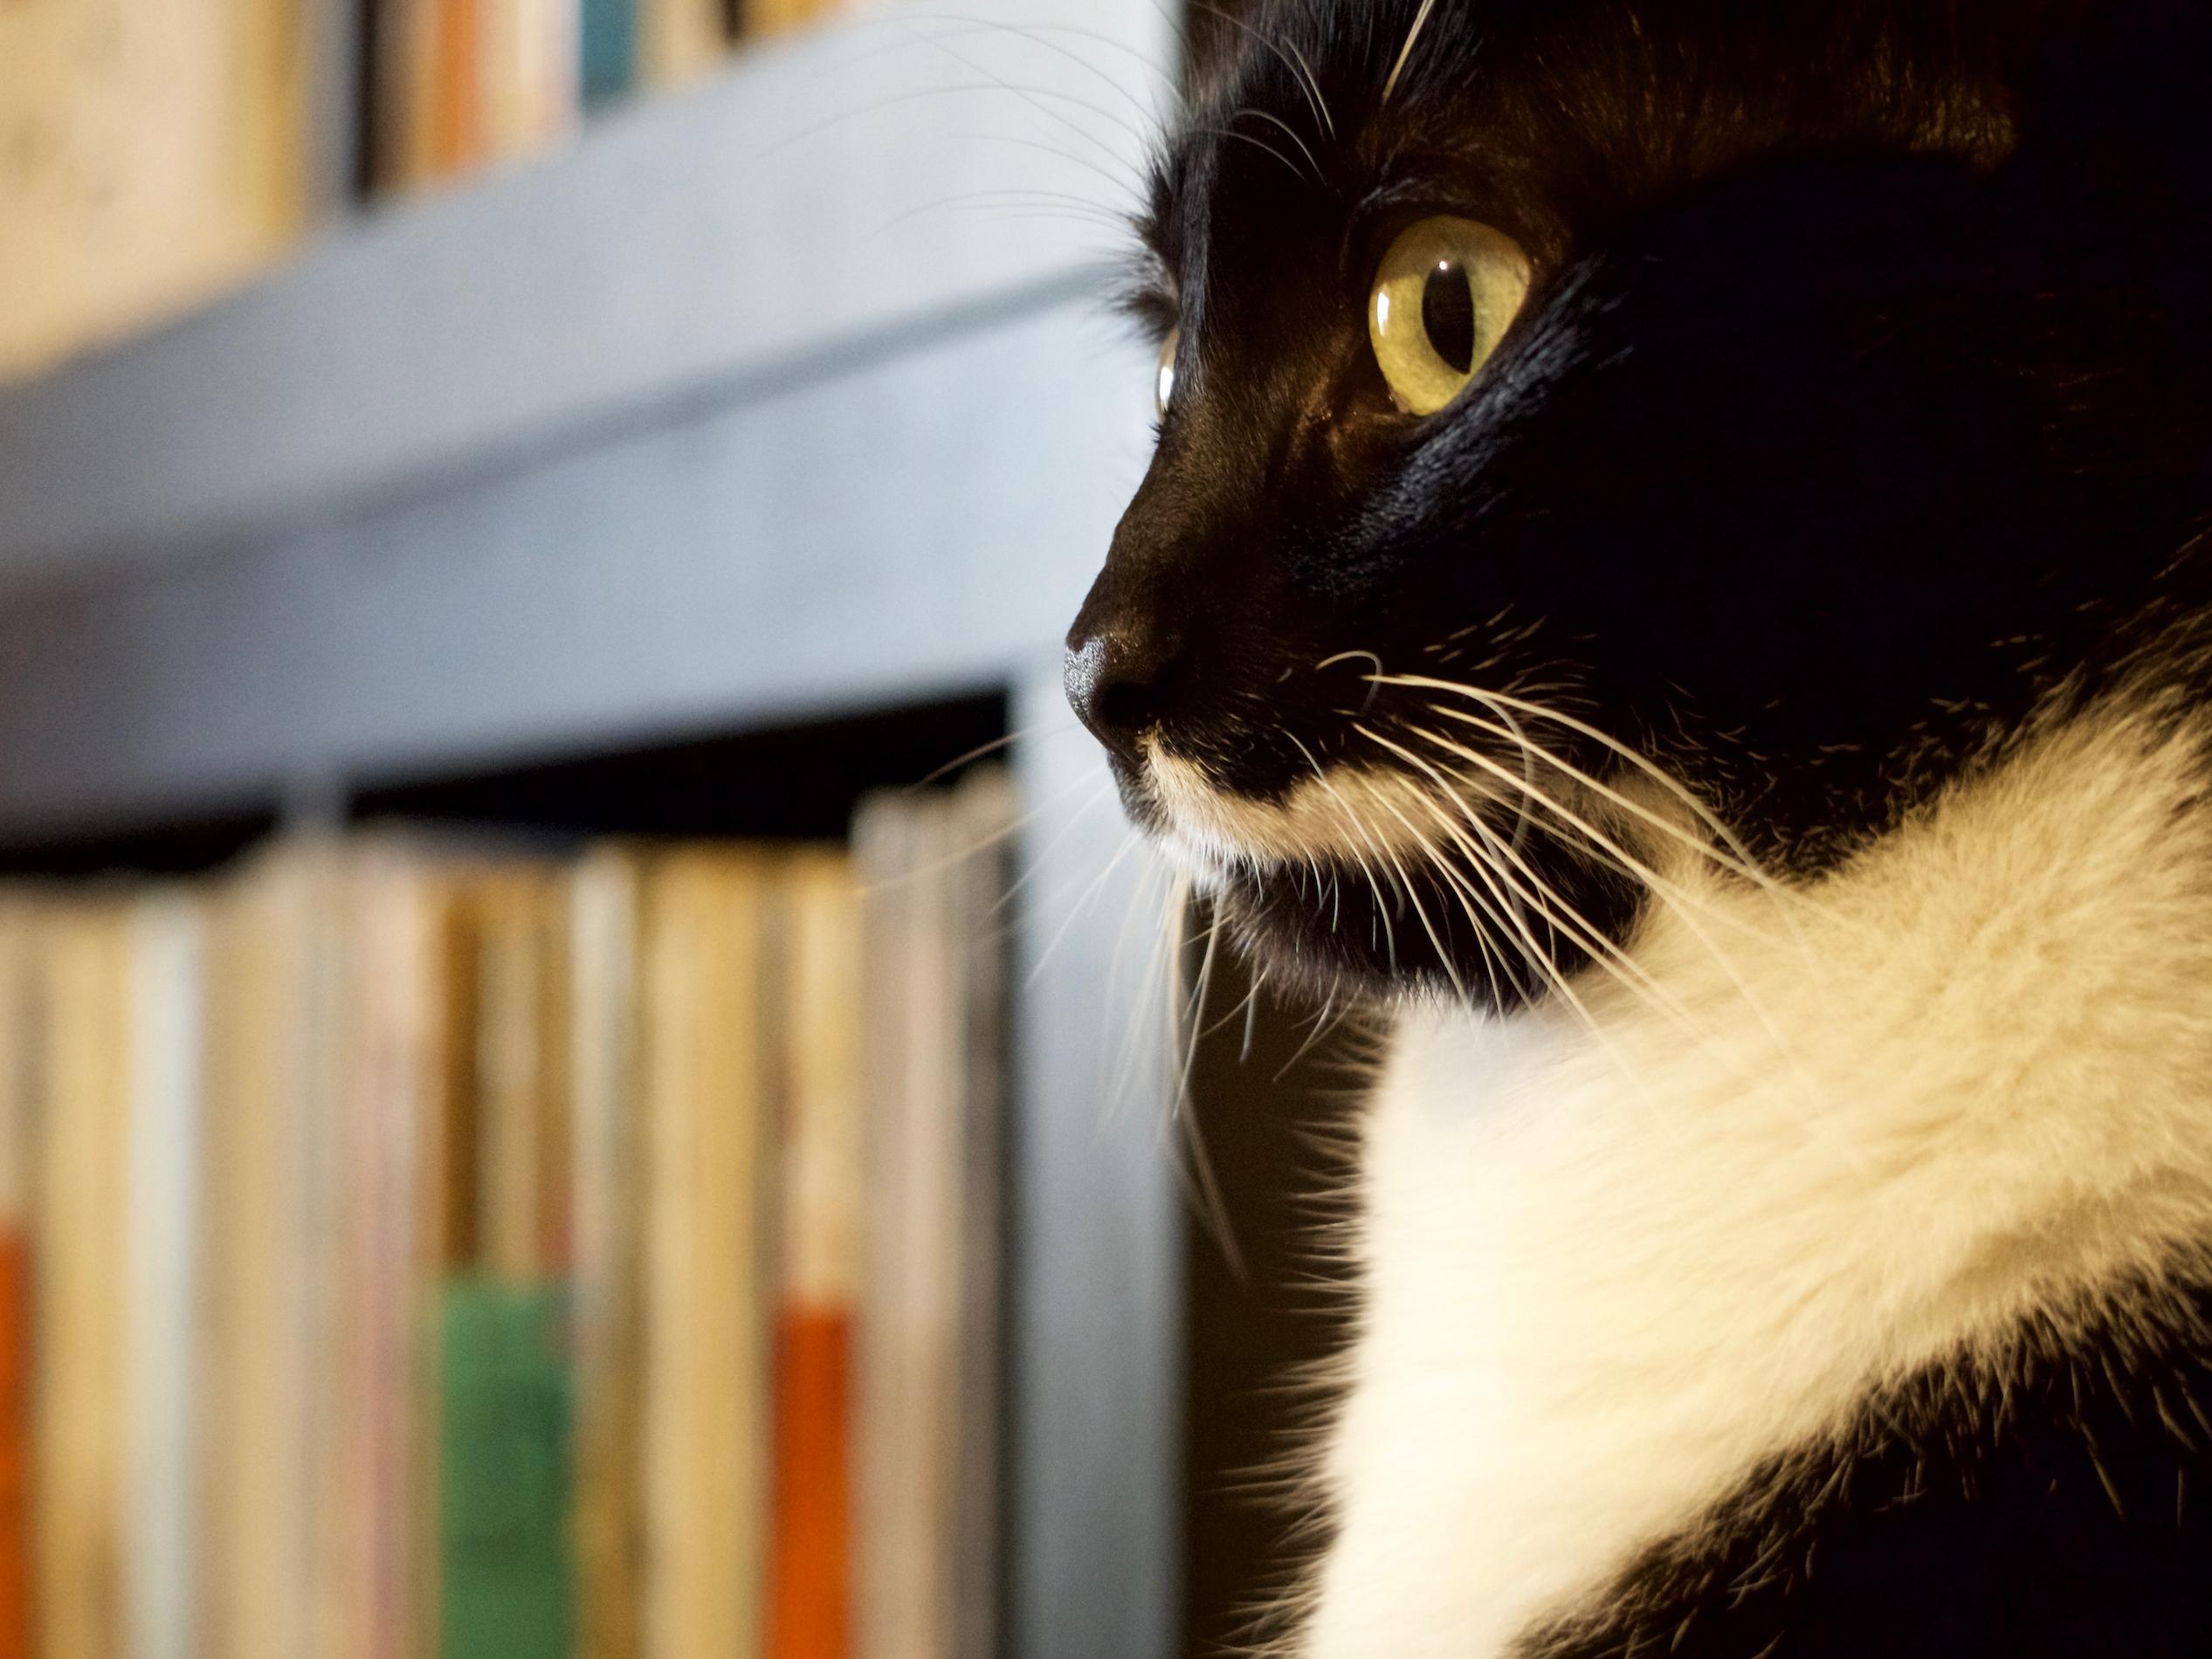 [Image du Jour] Omalée écoute Glenn Gould.